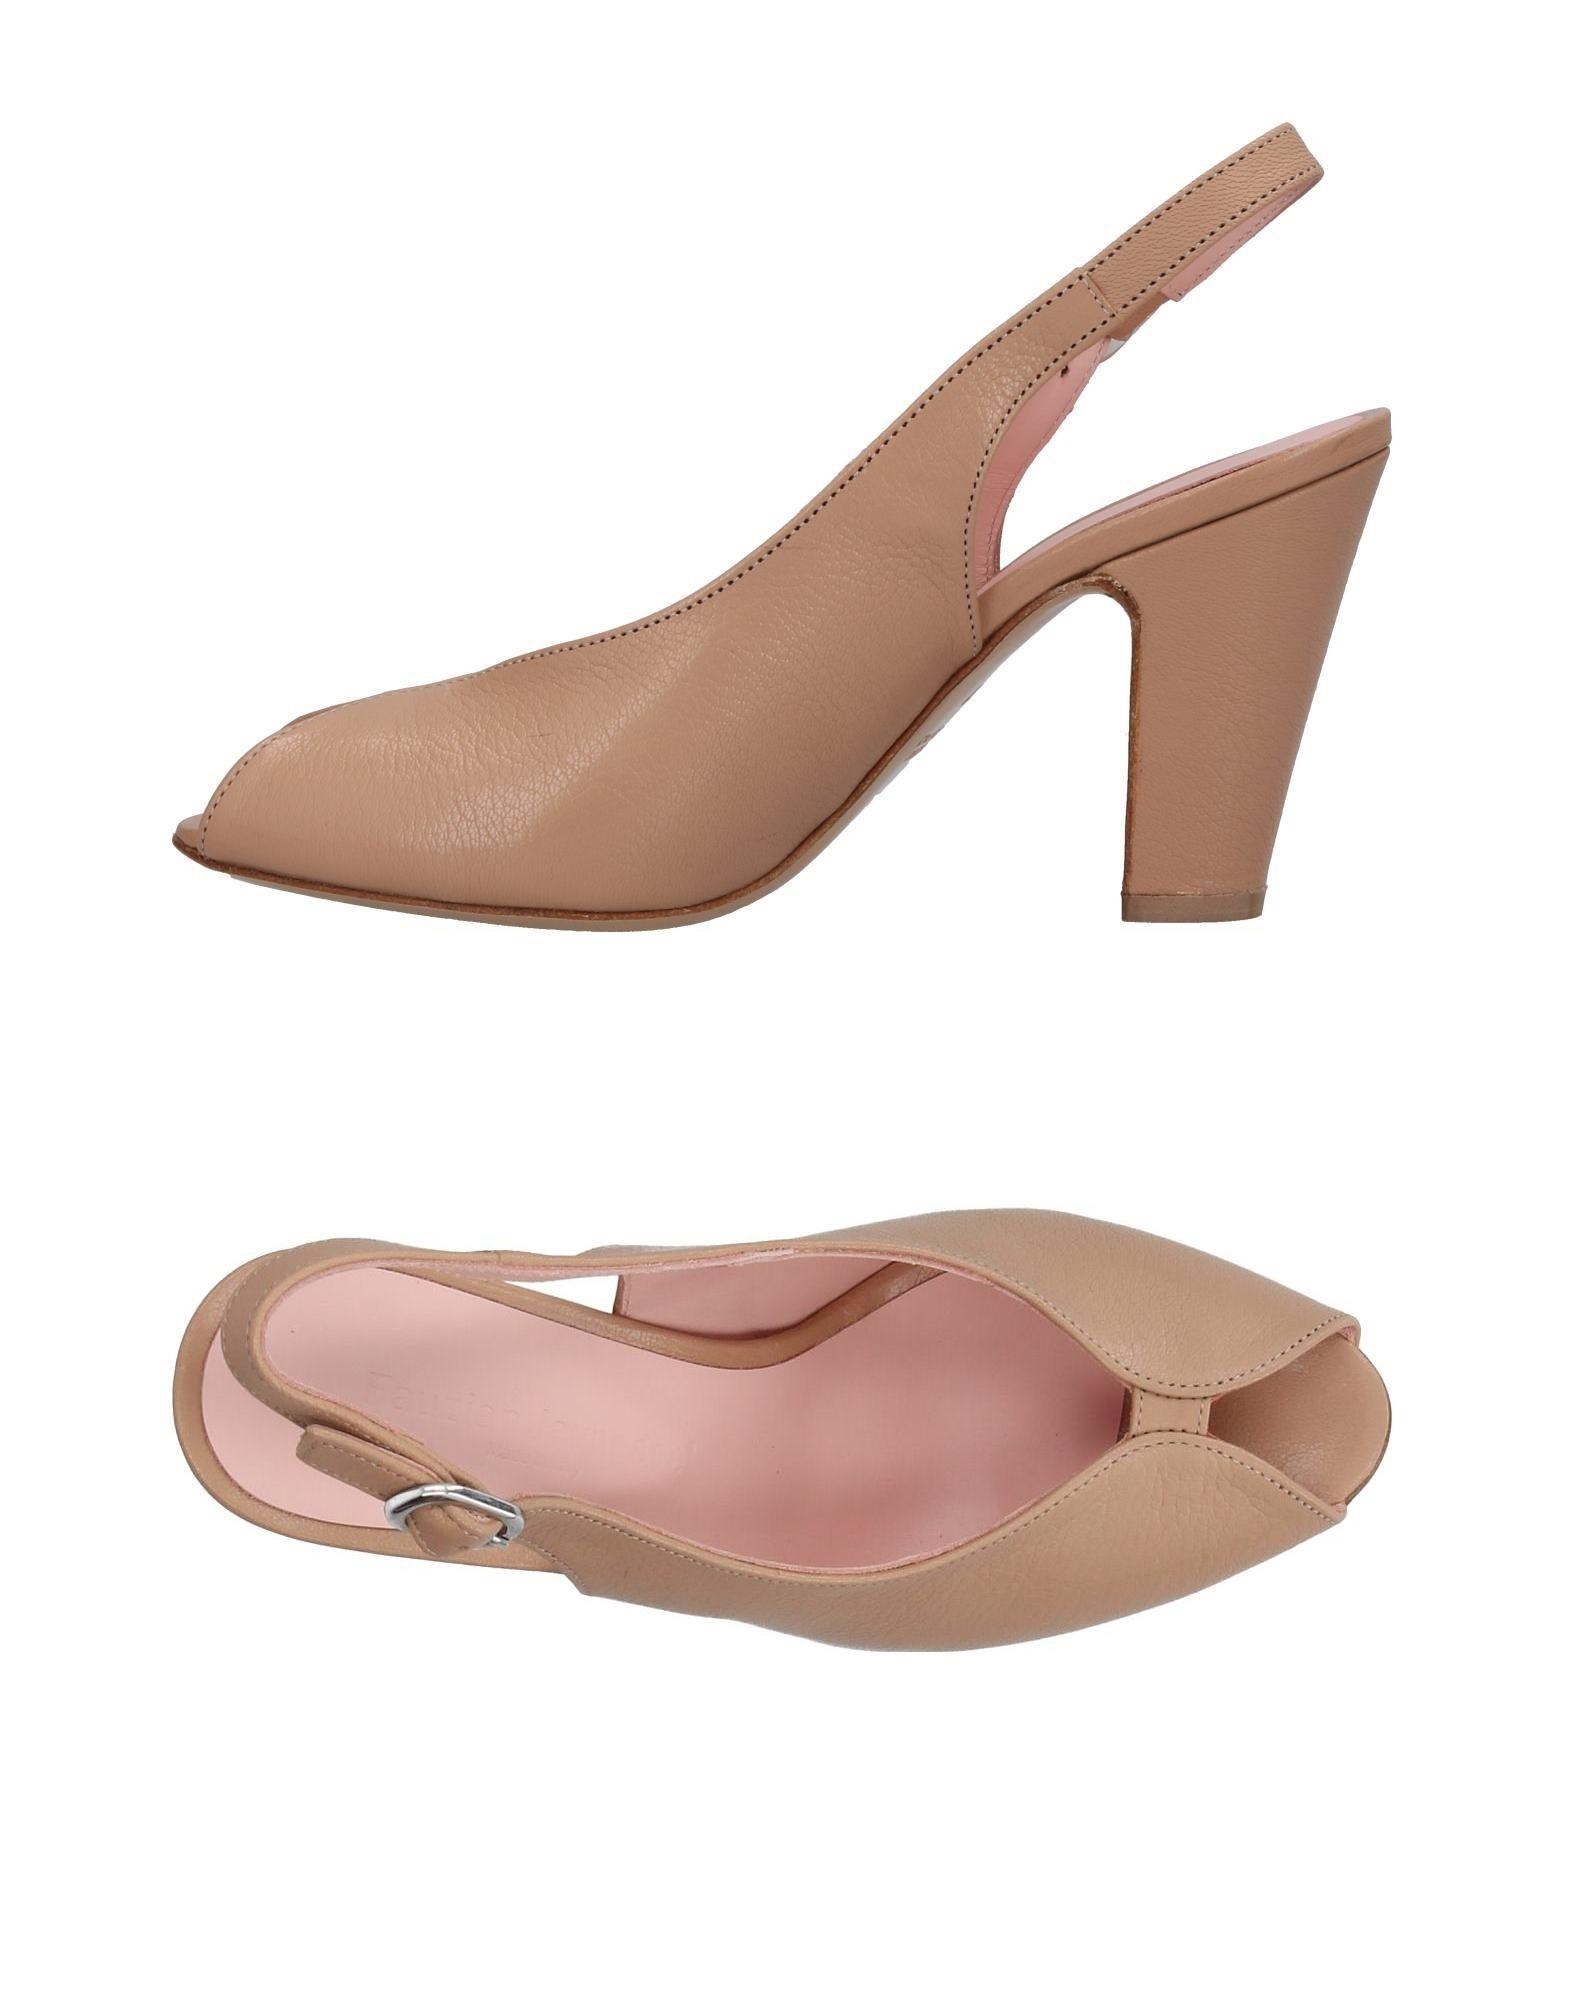 Fauzian Jeunesse Pumps Damen  11395590UE Gute Qualität beliebte Schuhe